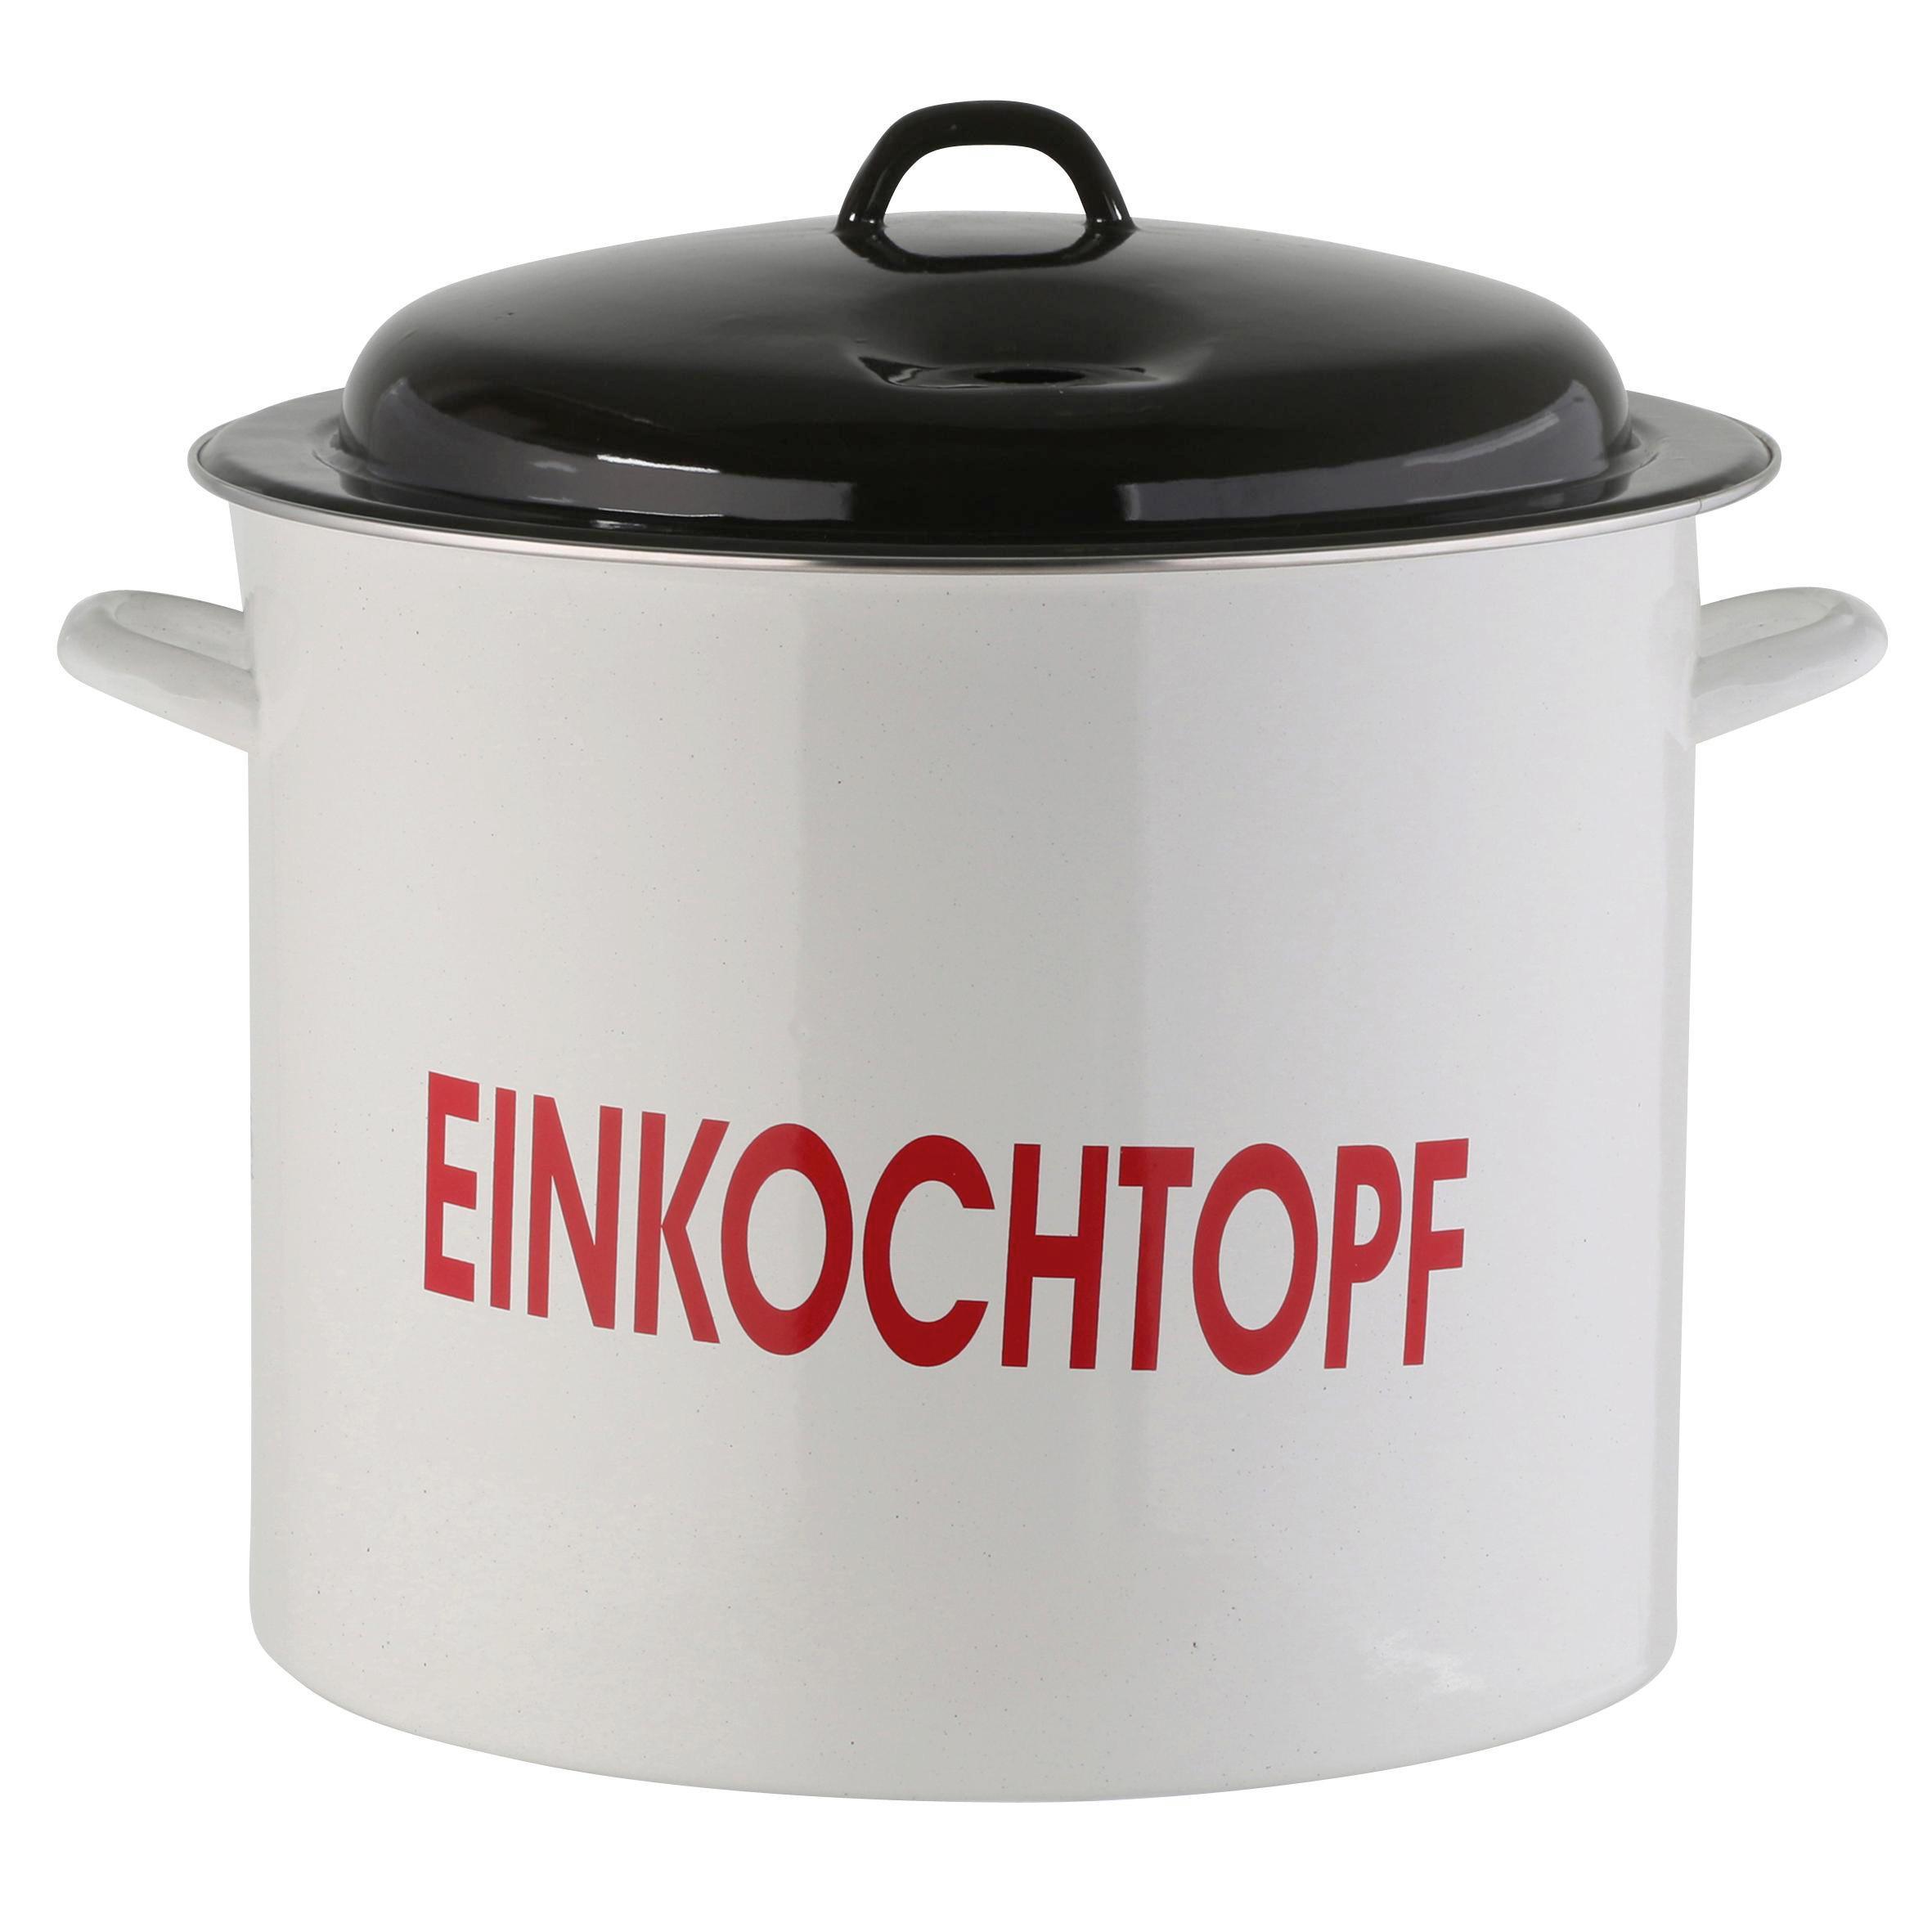 EINKOCHTOPF  Stahl  25 L - Schwarz/Weiß, Metall (35cm)